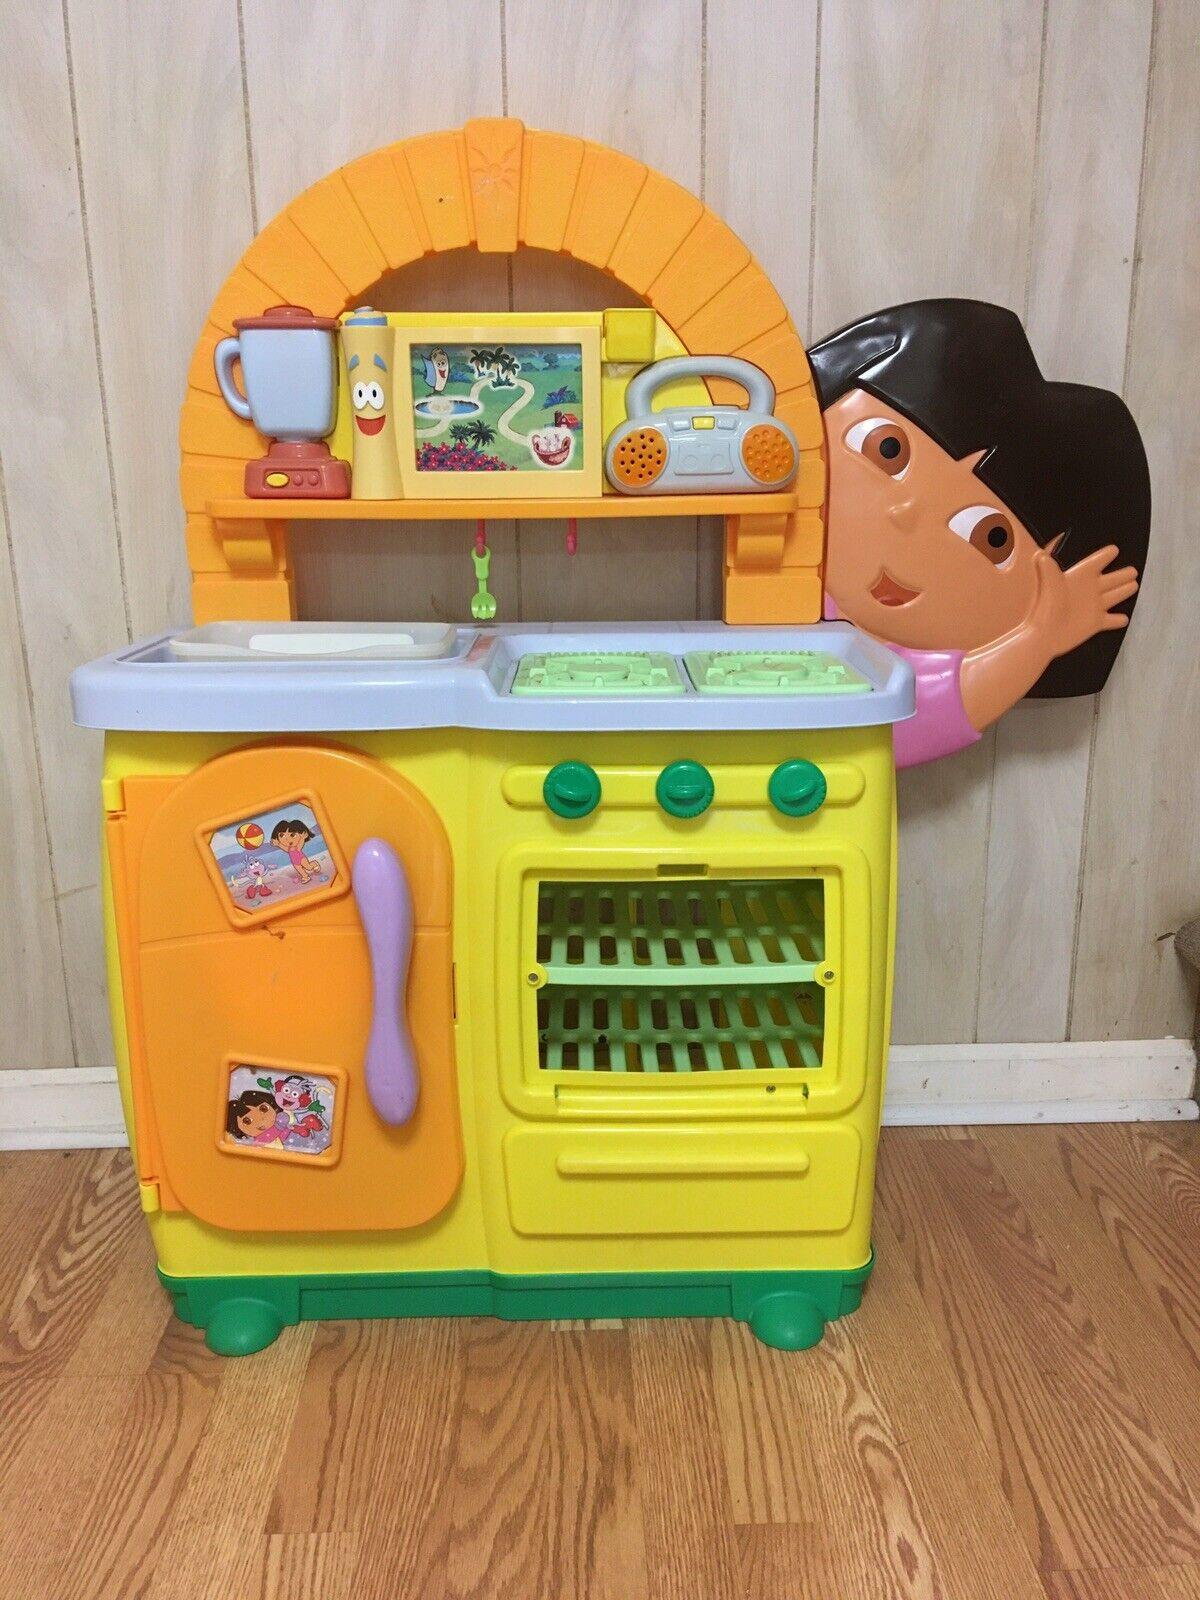 Dora Kitchen Toy : kitchen, Doras, Kitchen